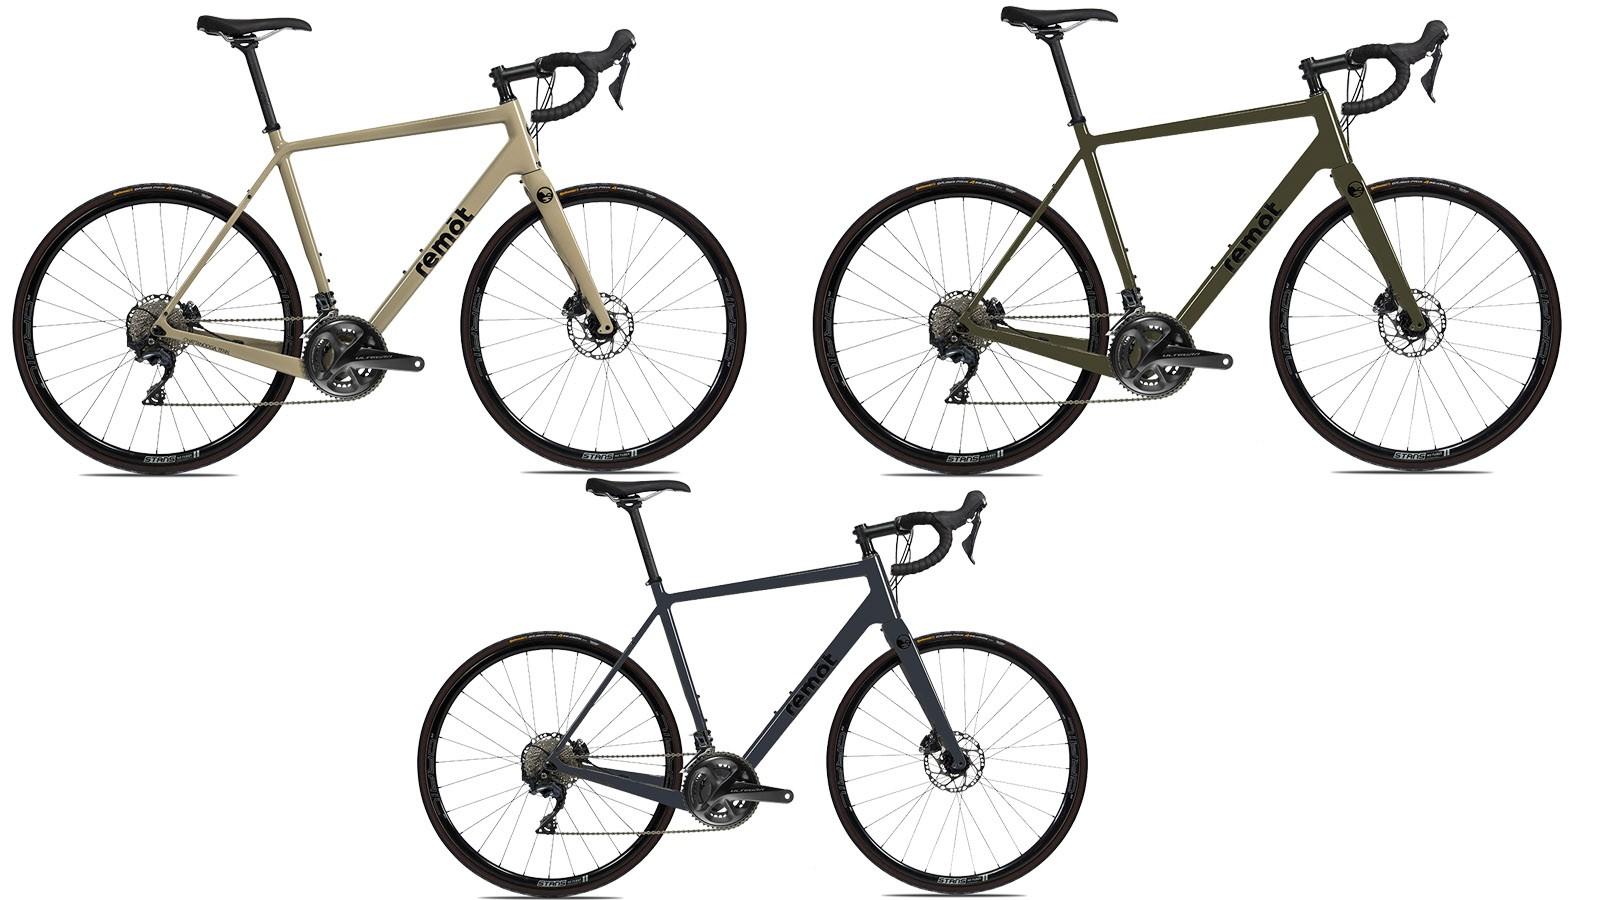 Remot's Baseline All Road bike